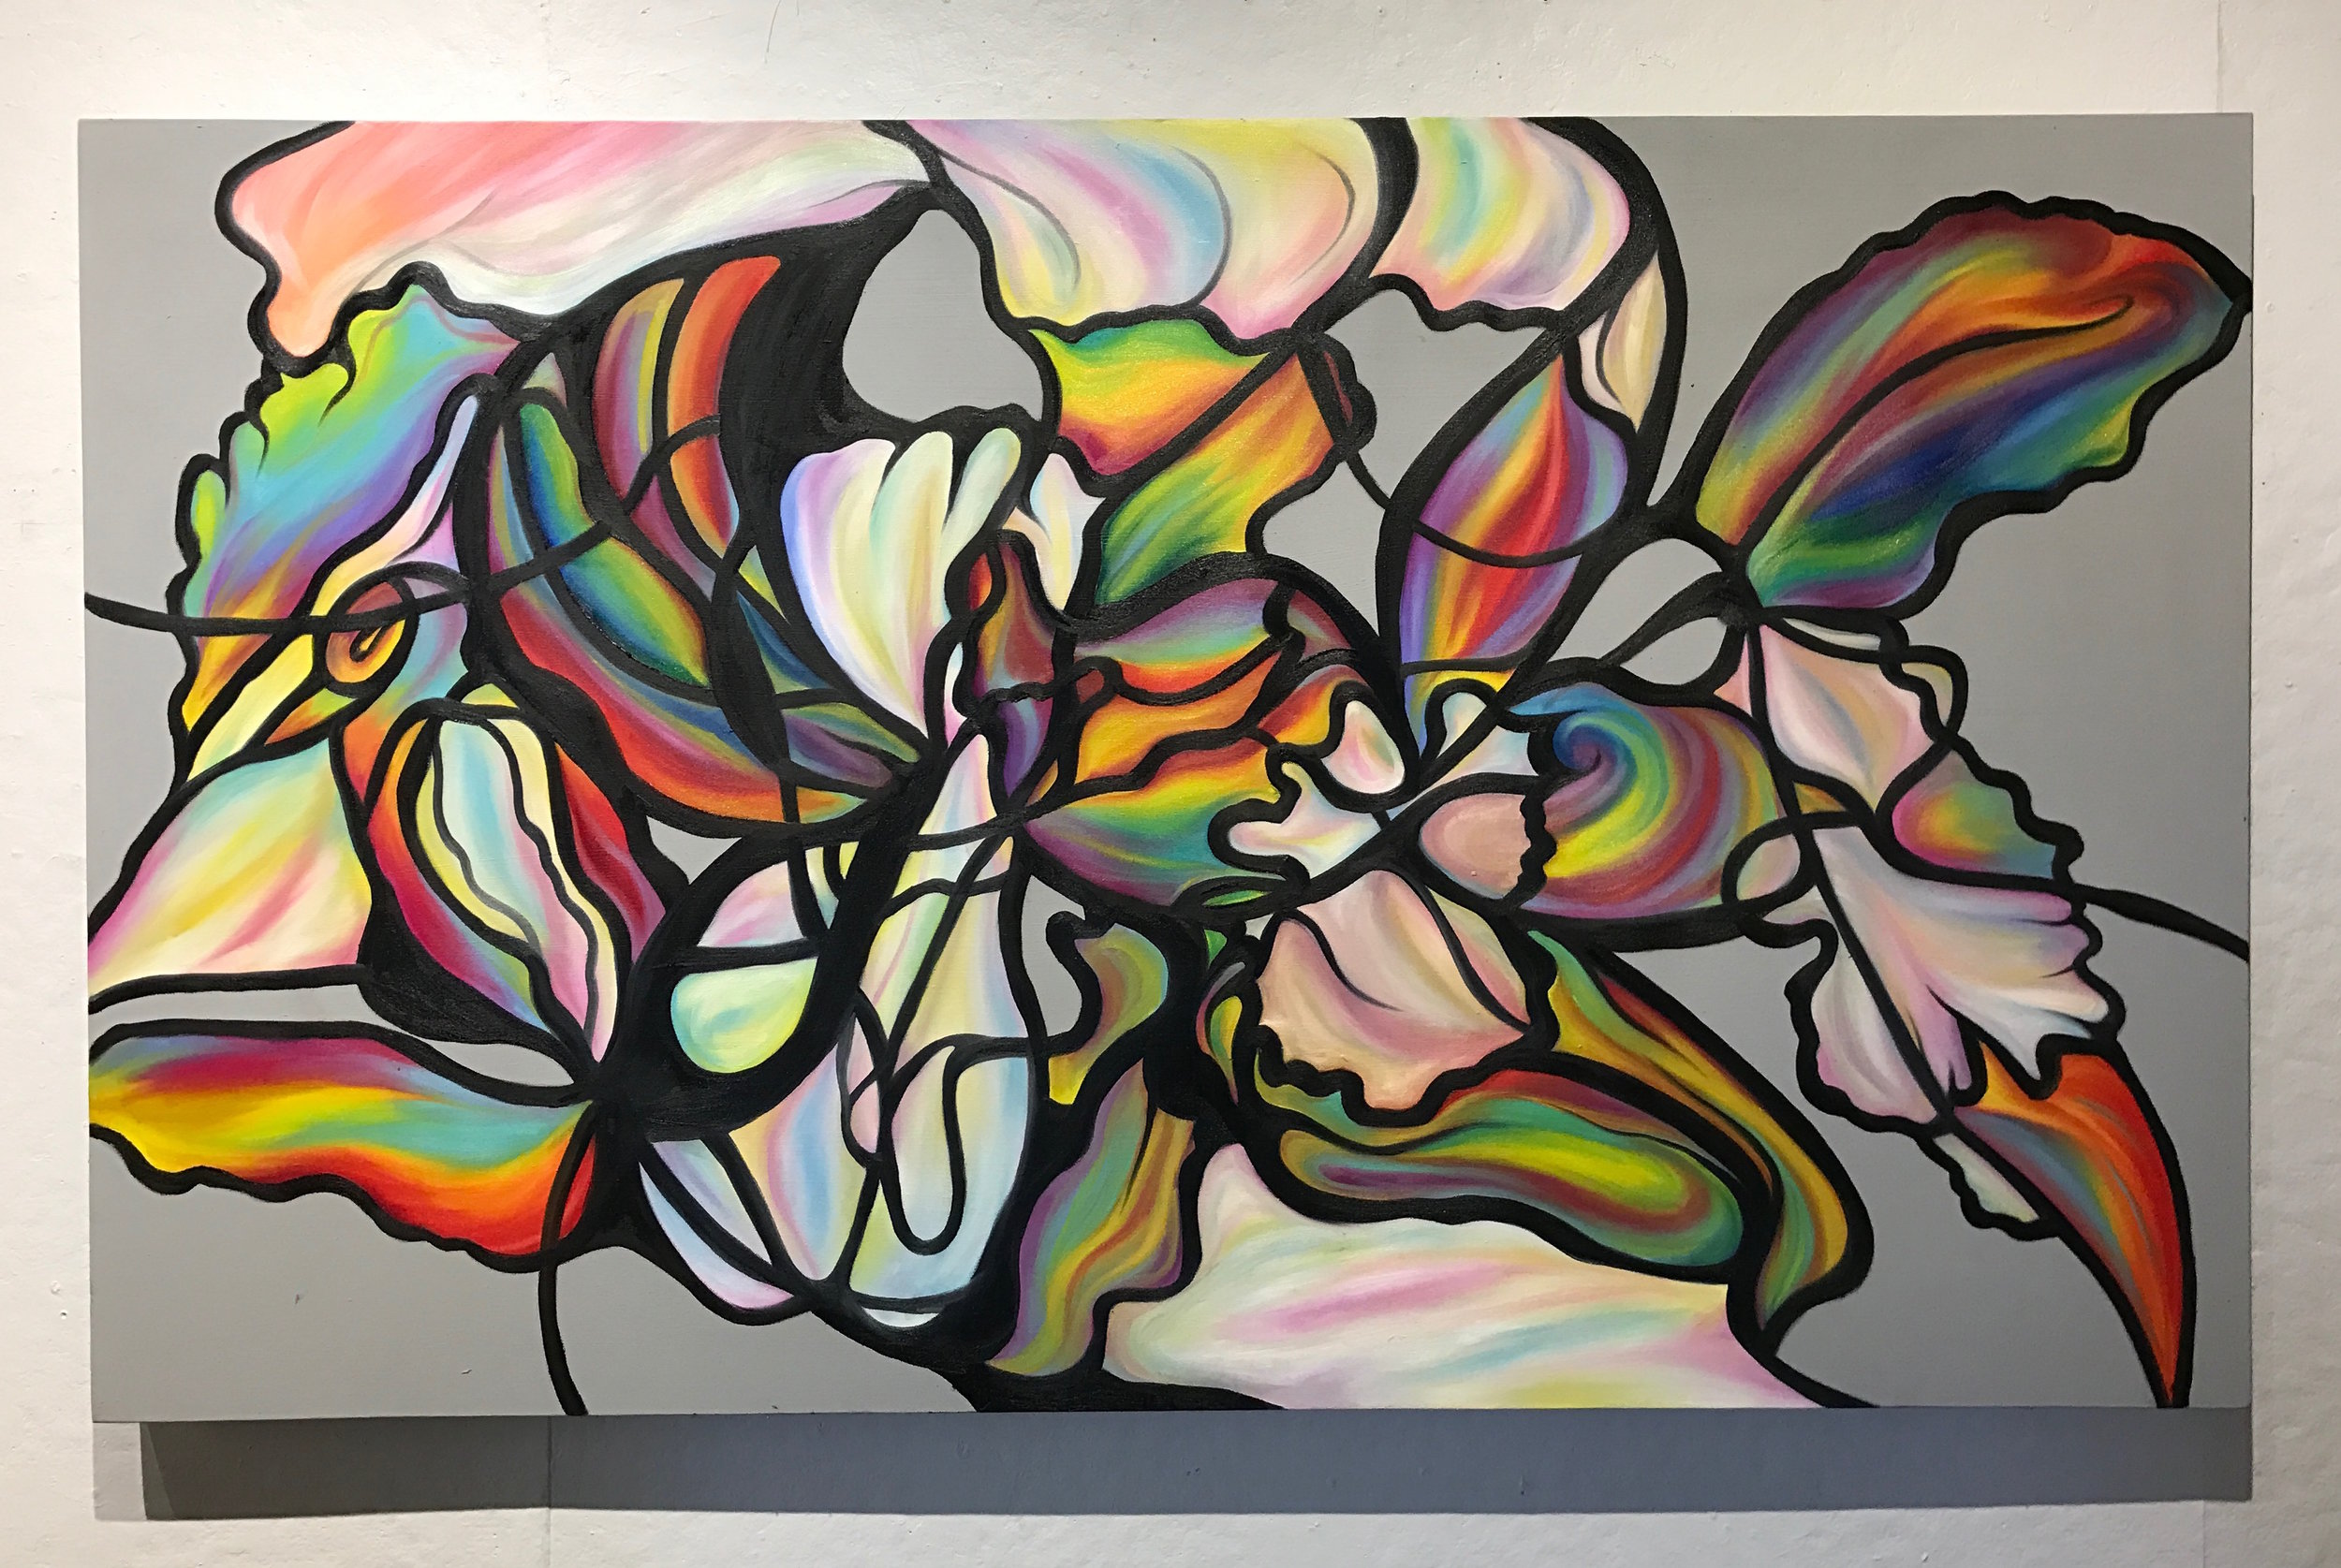 Orquidea, Turpial y Araguaney , 2017  Oil on Canvas  36 x 60 in.